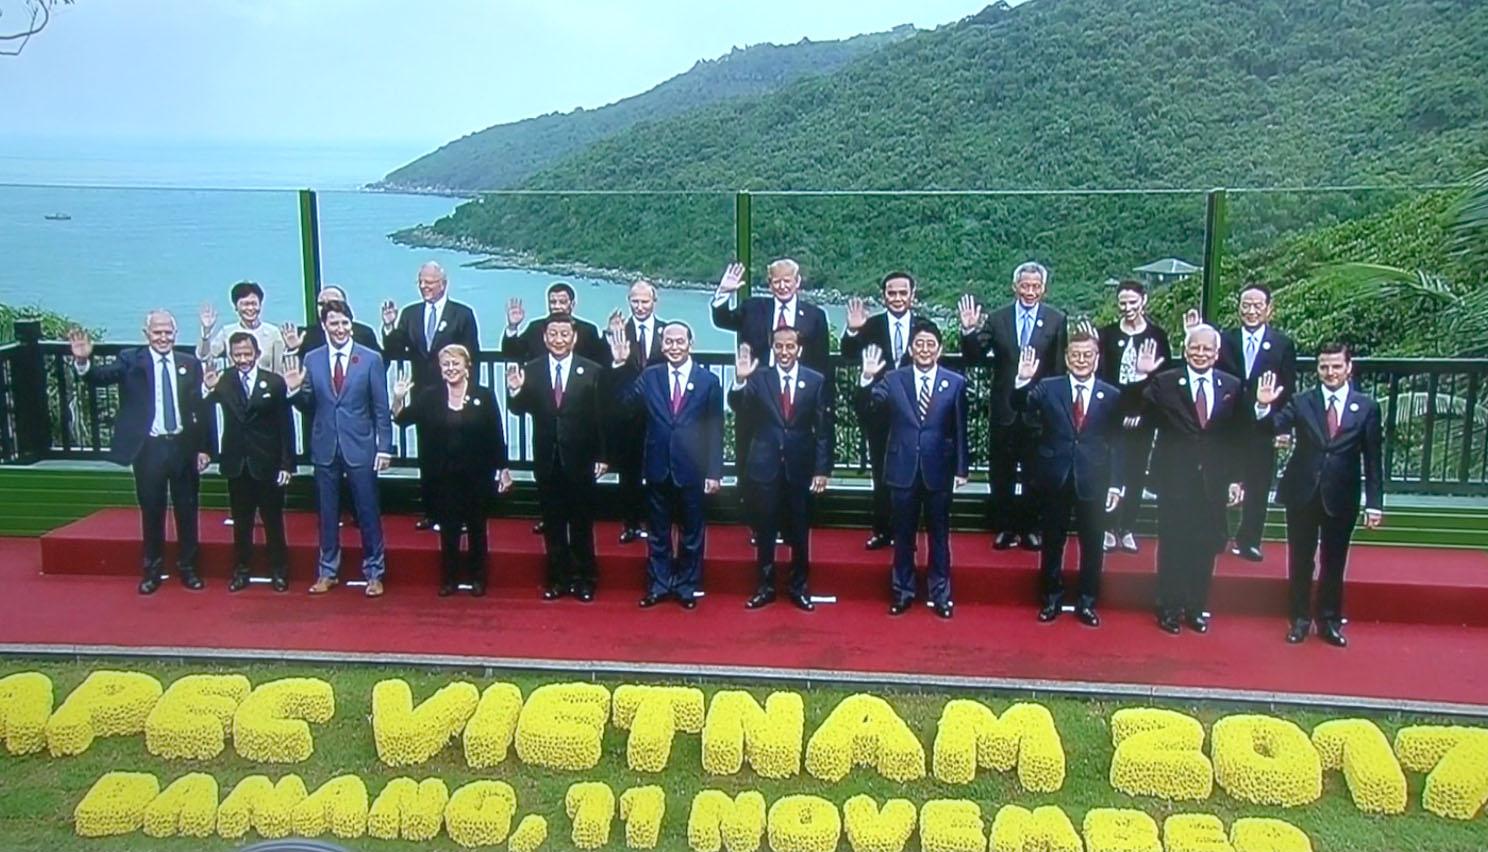 Tuần lễ cấp cao APEC 2017 đã thành công ngoài mong đợi